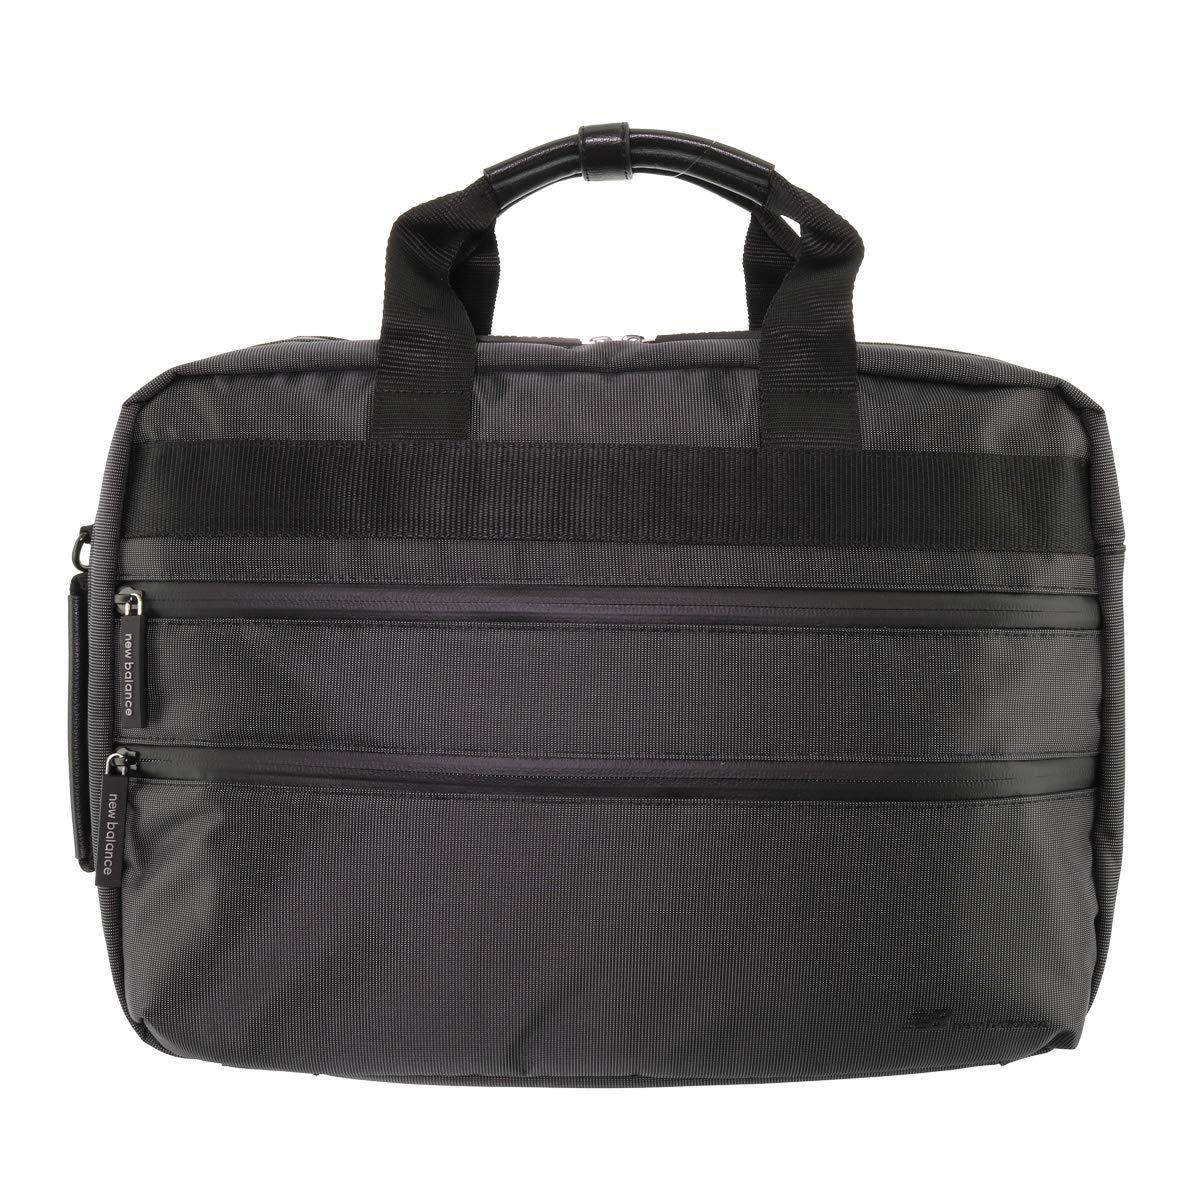 [ニューバランス] ブリーフケース 3WAY A4 ビジネスバッグ メンズ 12100003 ブラック - B07N88VZQ3